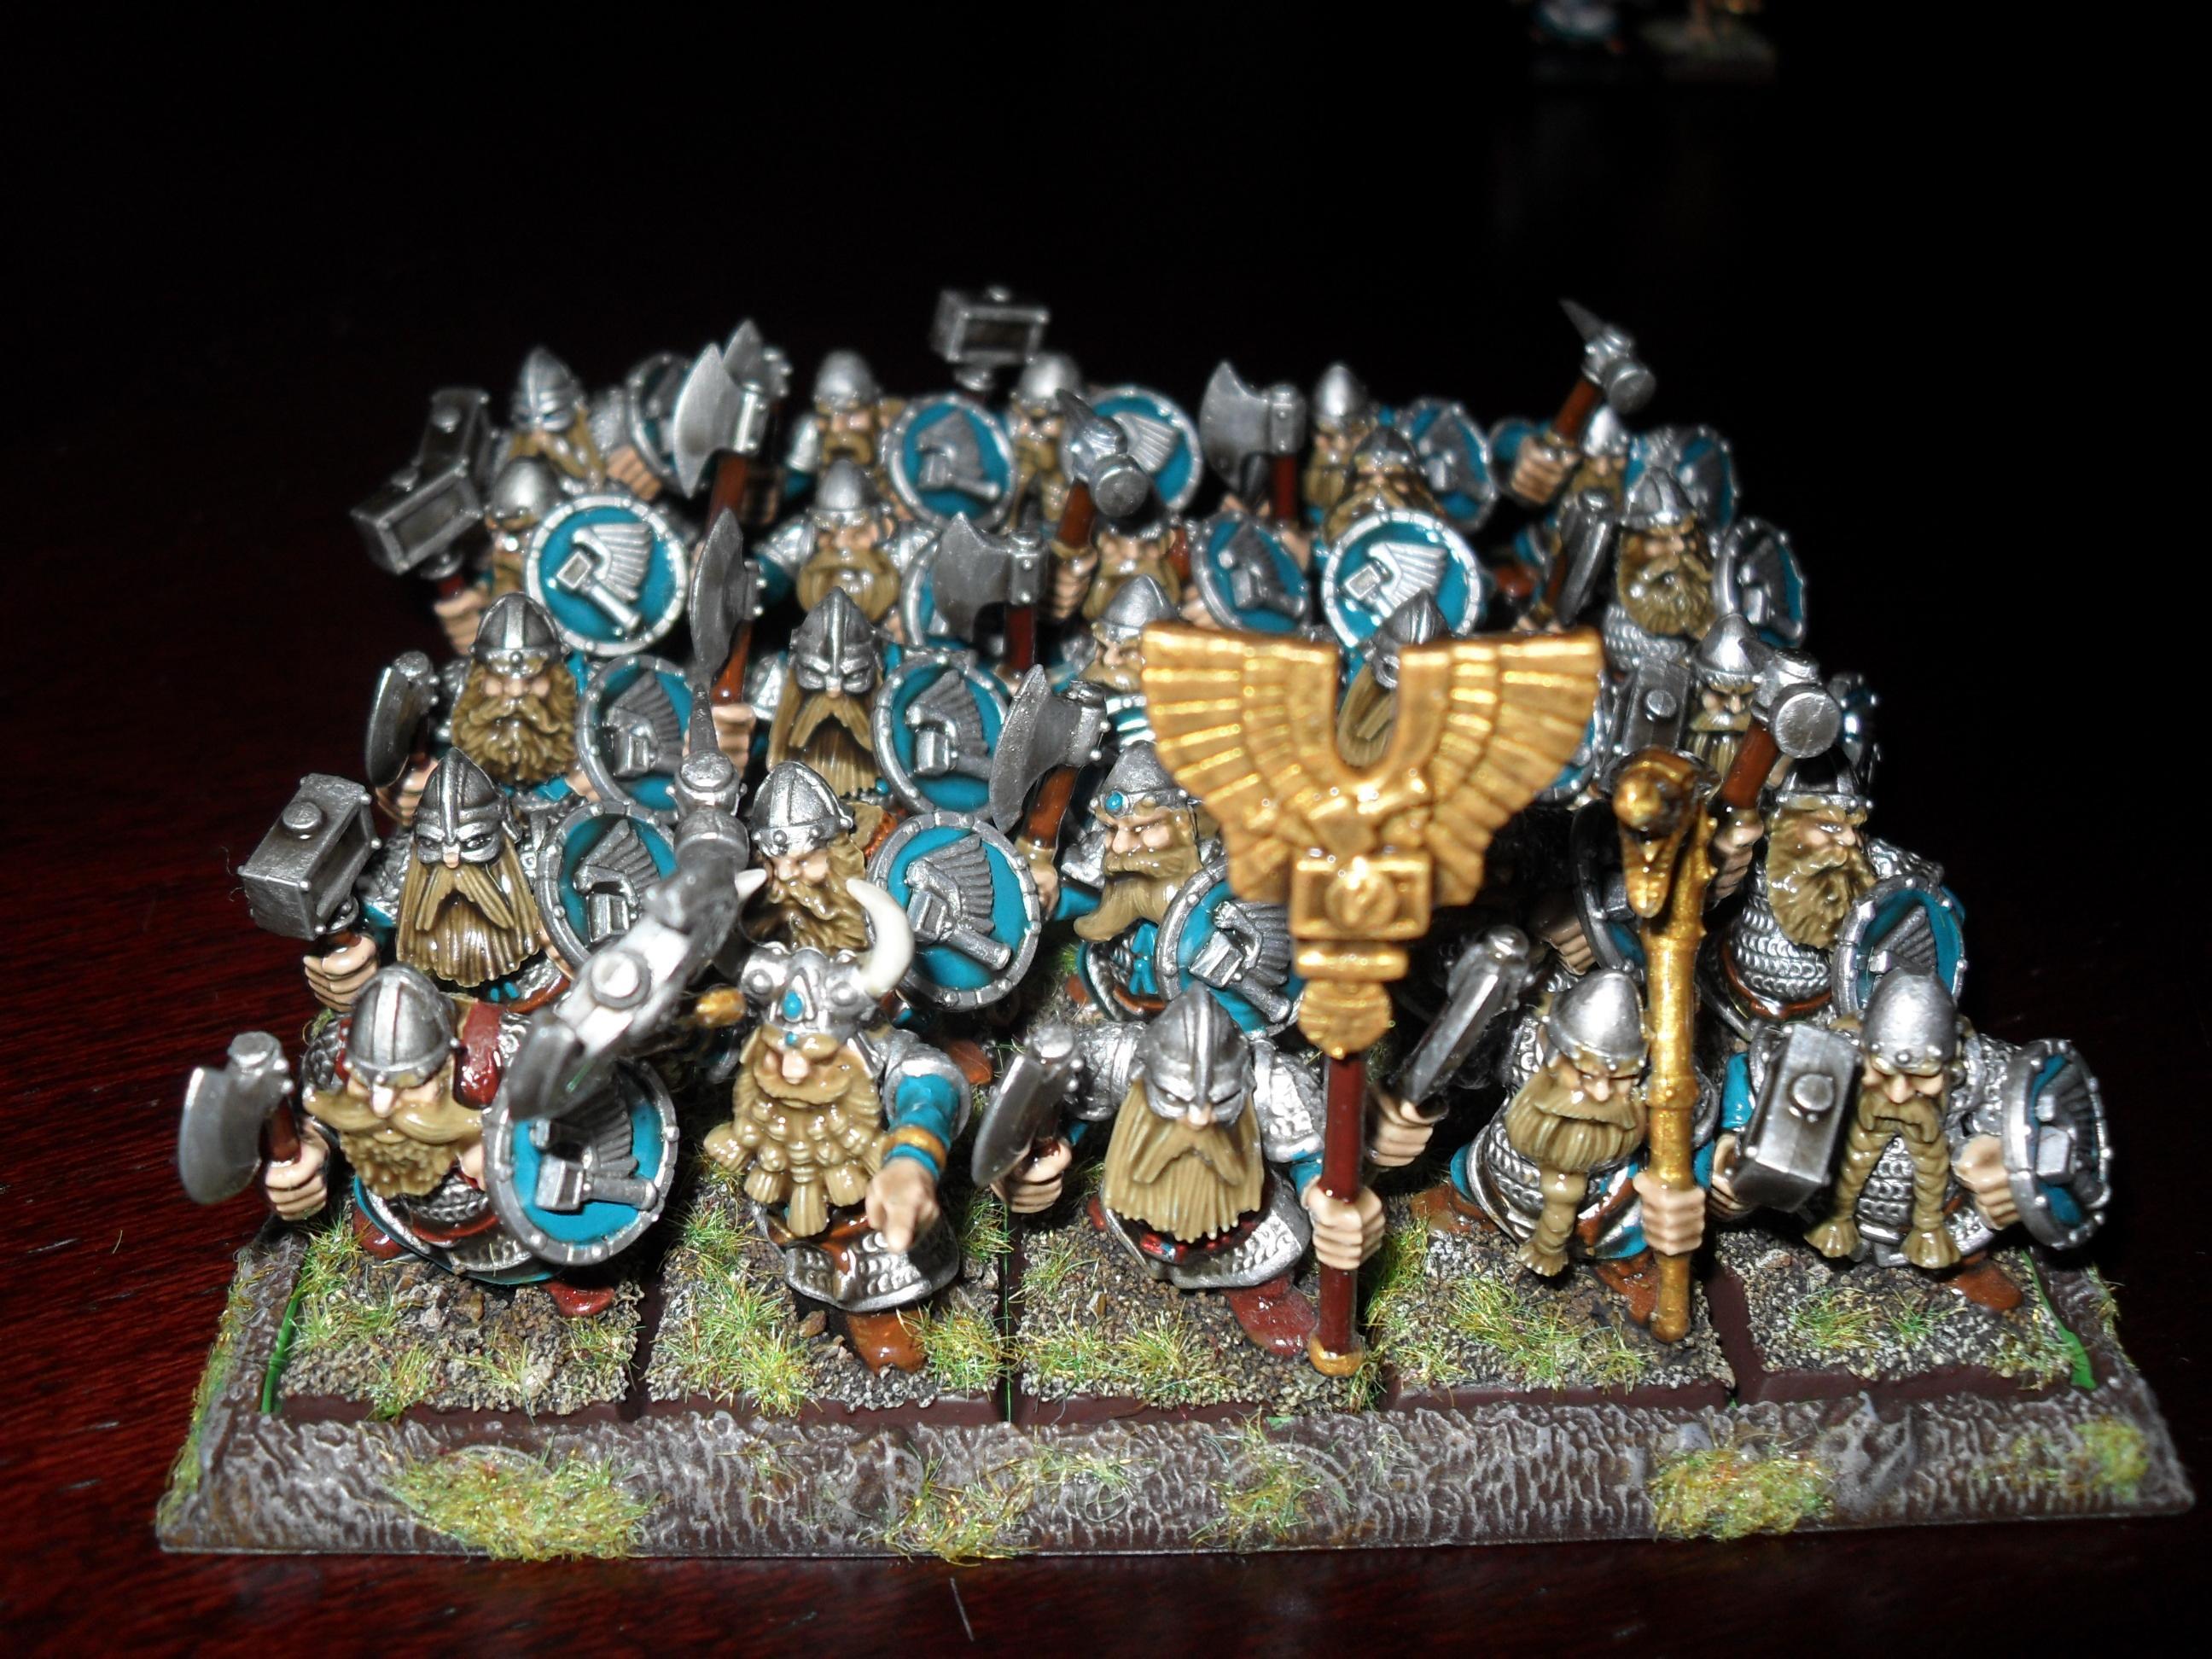 Dwarves, Games Workshop, Painted, Quickshade, Warhammer Dwarfs Quickshade Front View, Warhammer Fantasy